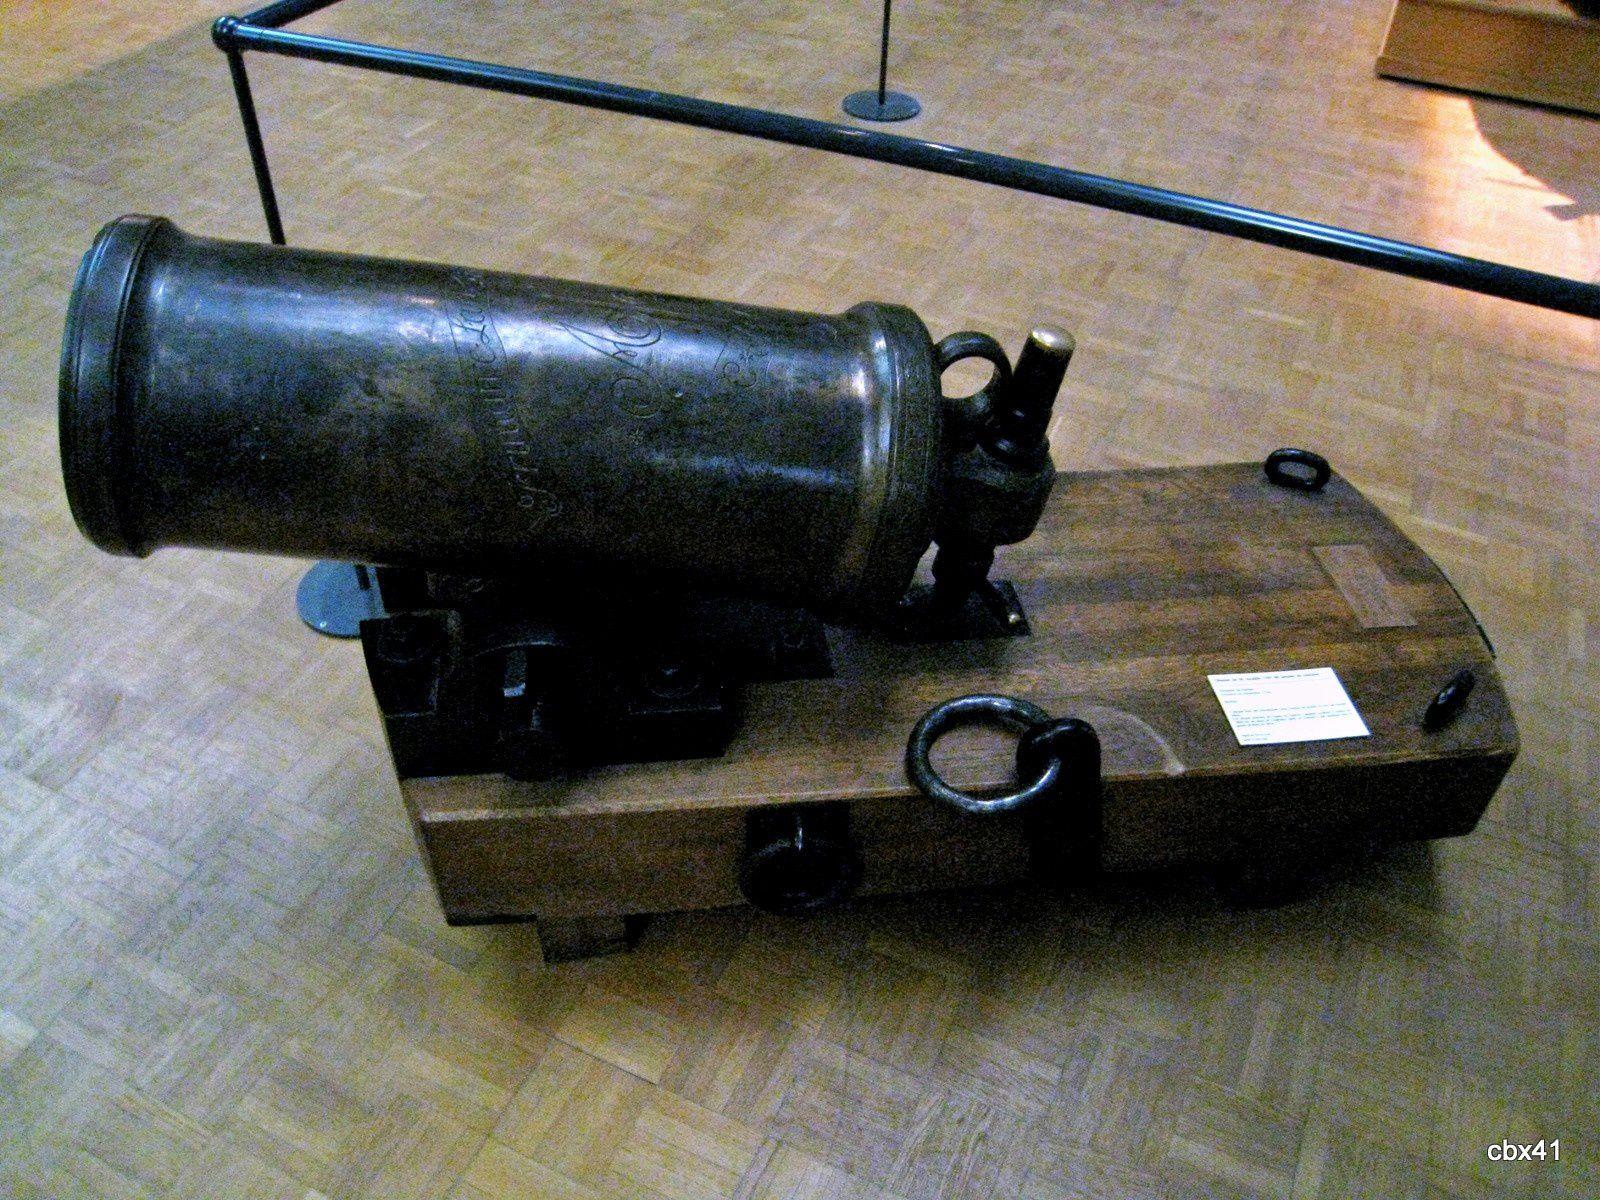 Appareillage du contre-torpilleur Bombarde (1917/18) et obusier de vaisseau